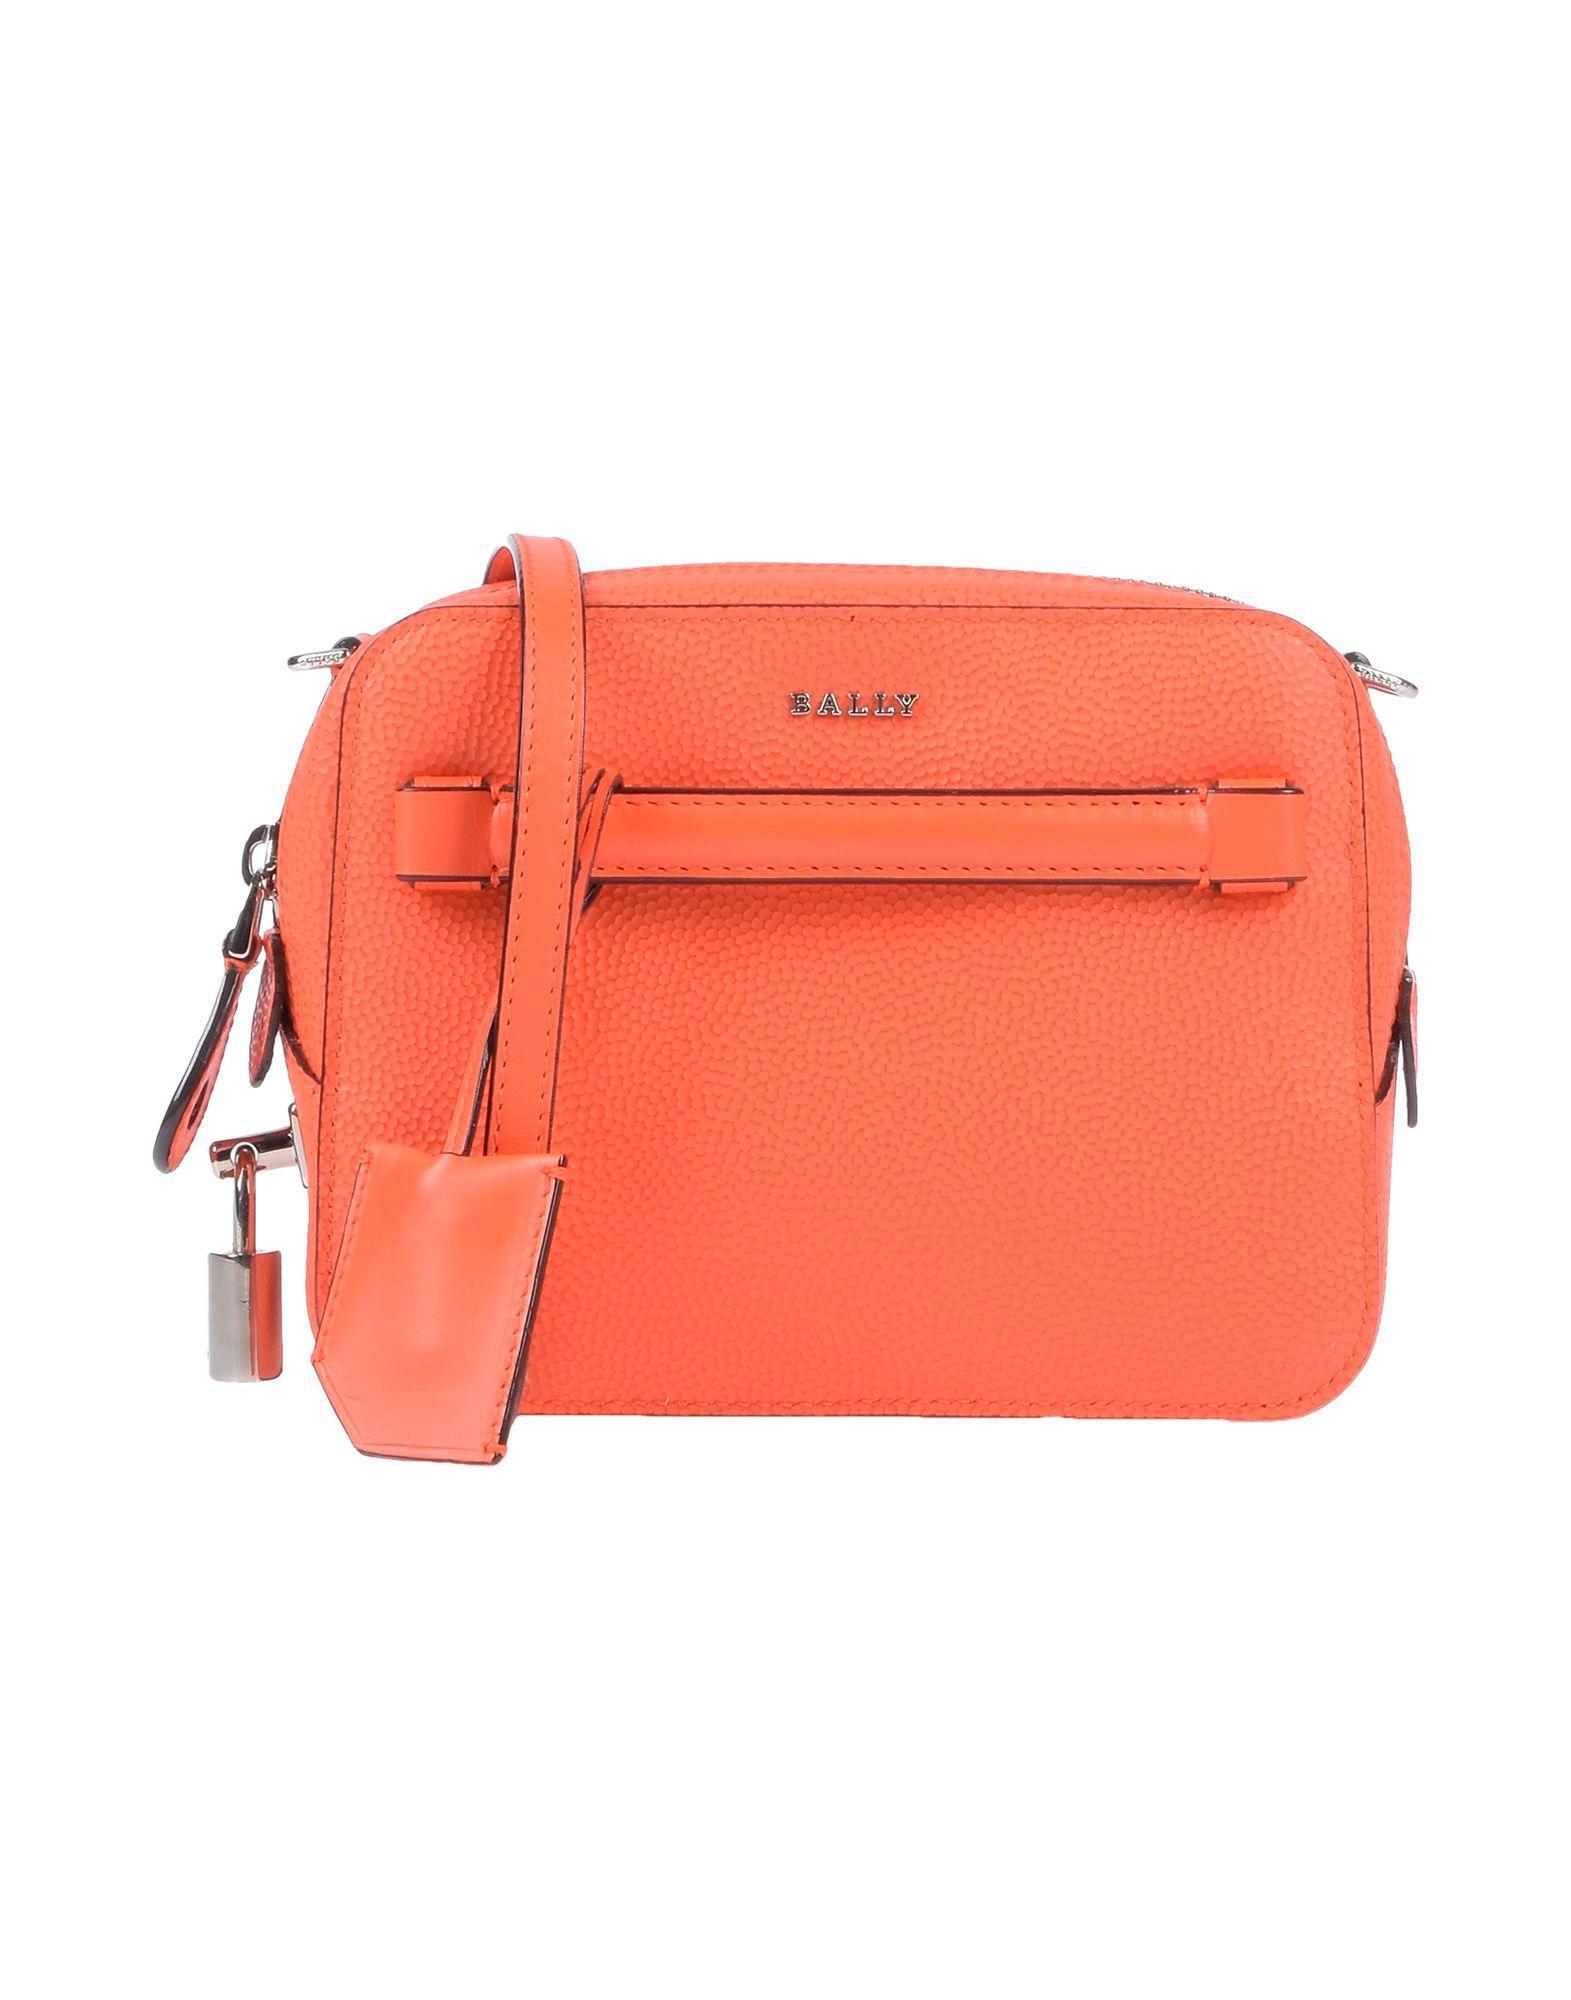 ce6fc8717d14 Женские сумки Bally купить в интернет магазине - официальный сайт ...